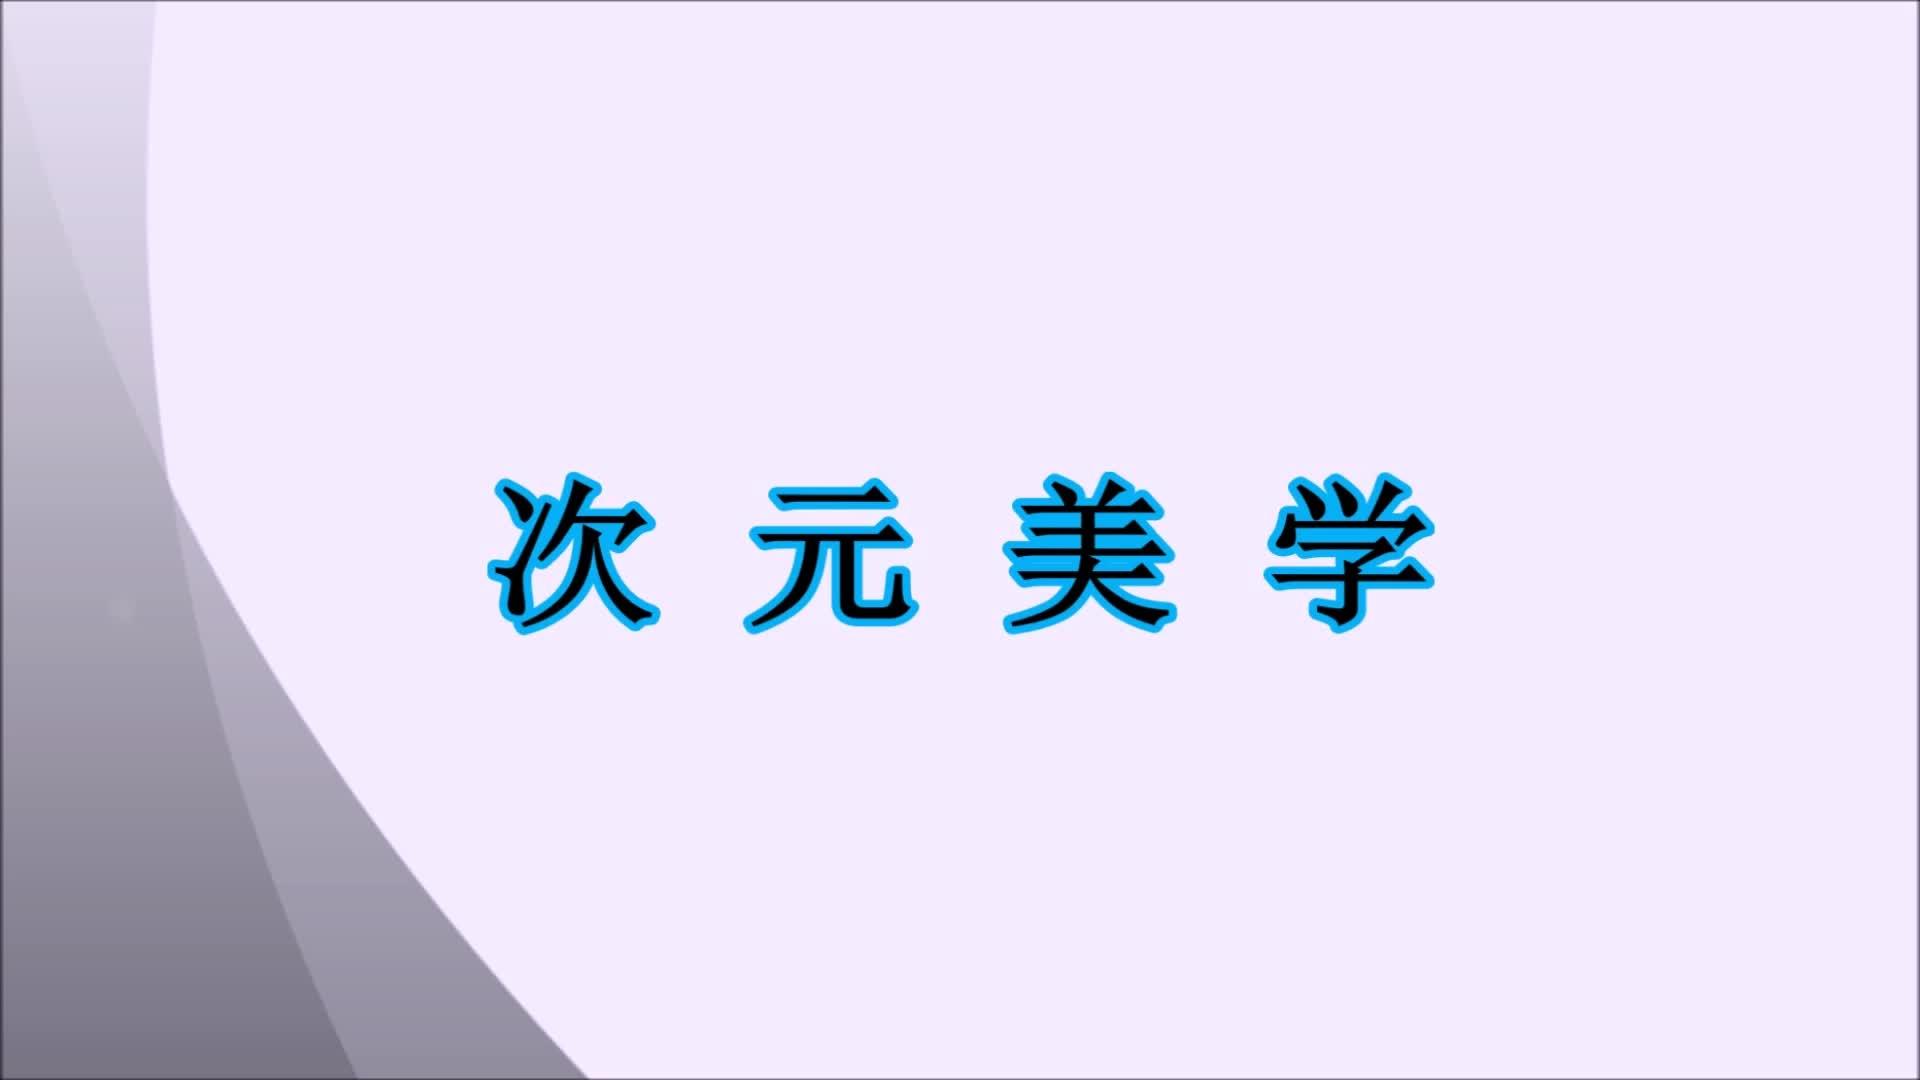 筷子加个可乐瓶盖会有意料不到的结果